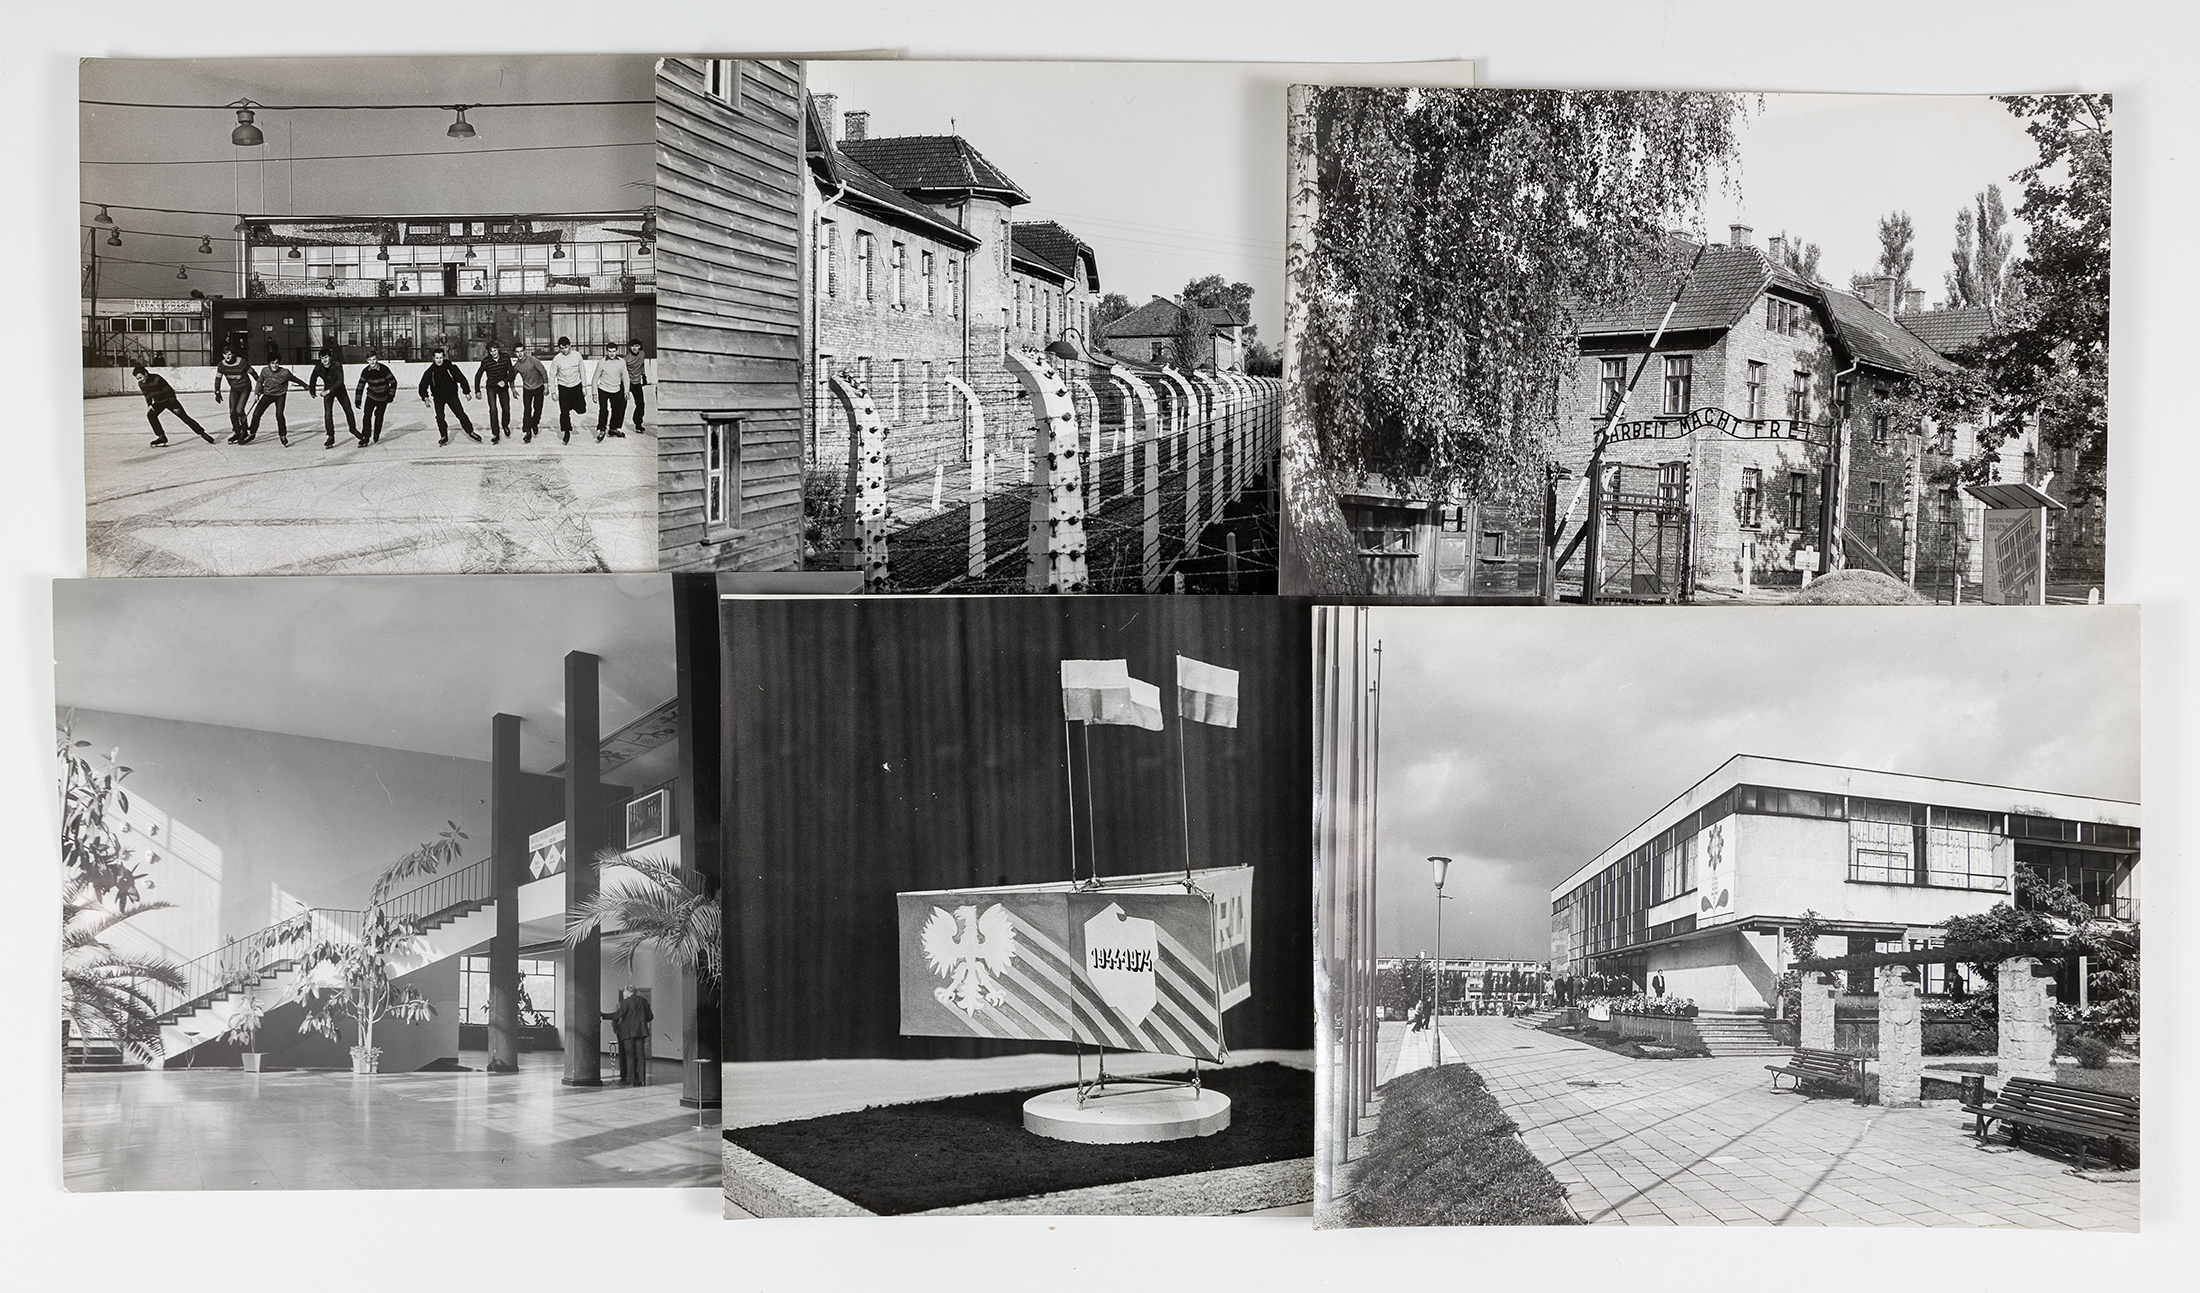 Oświęcim. Miasto i KL Auschwitz, lata 70. XX wieku